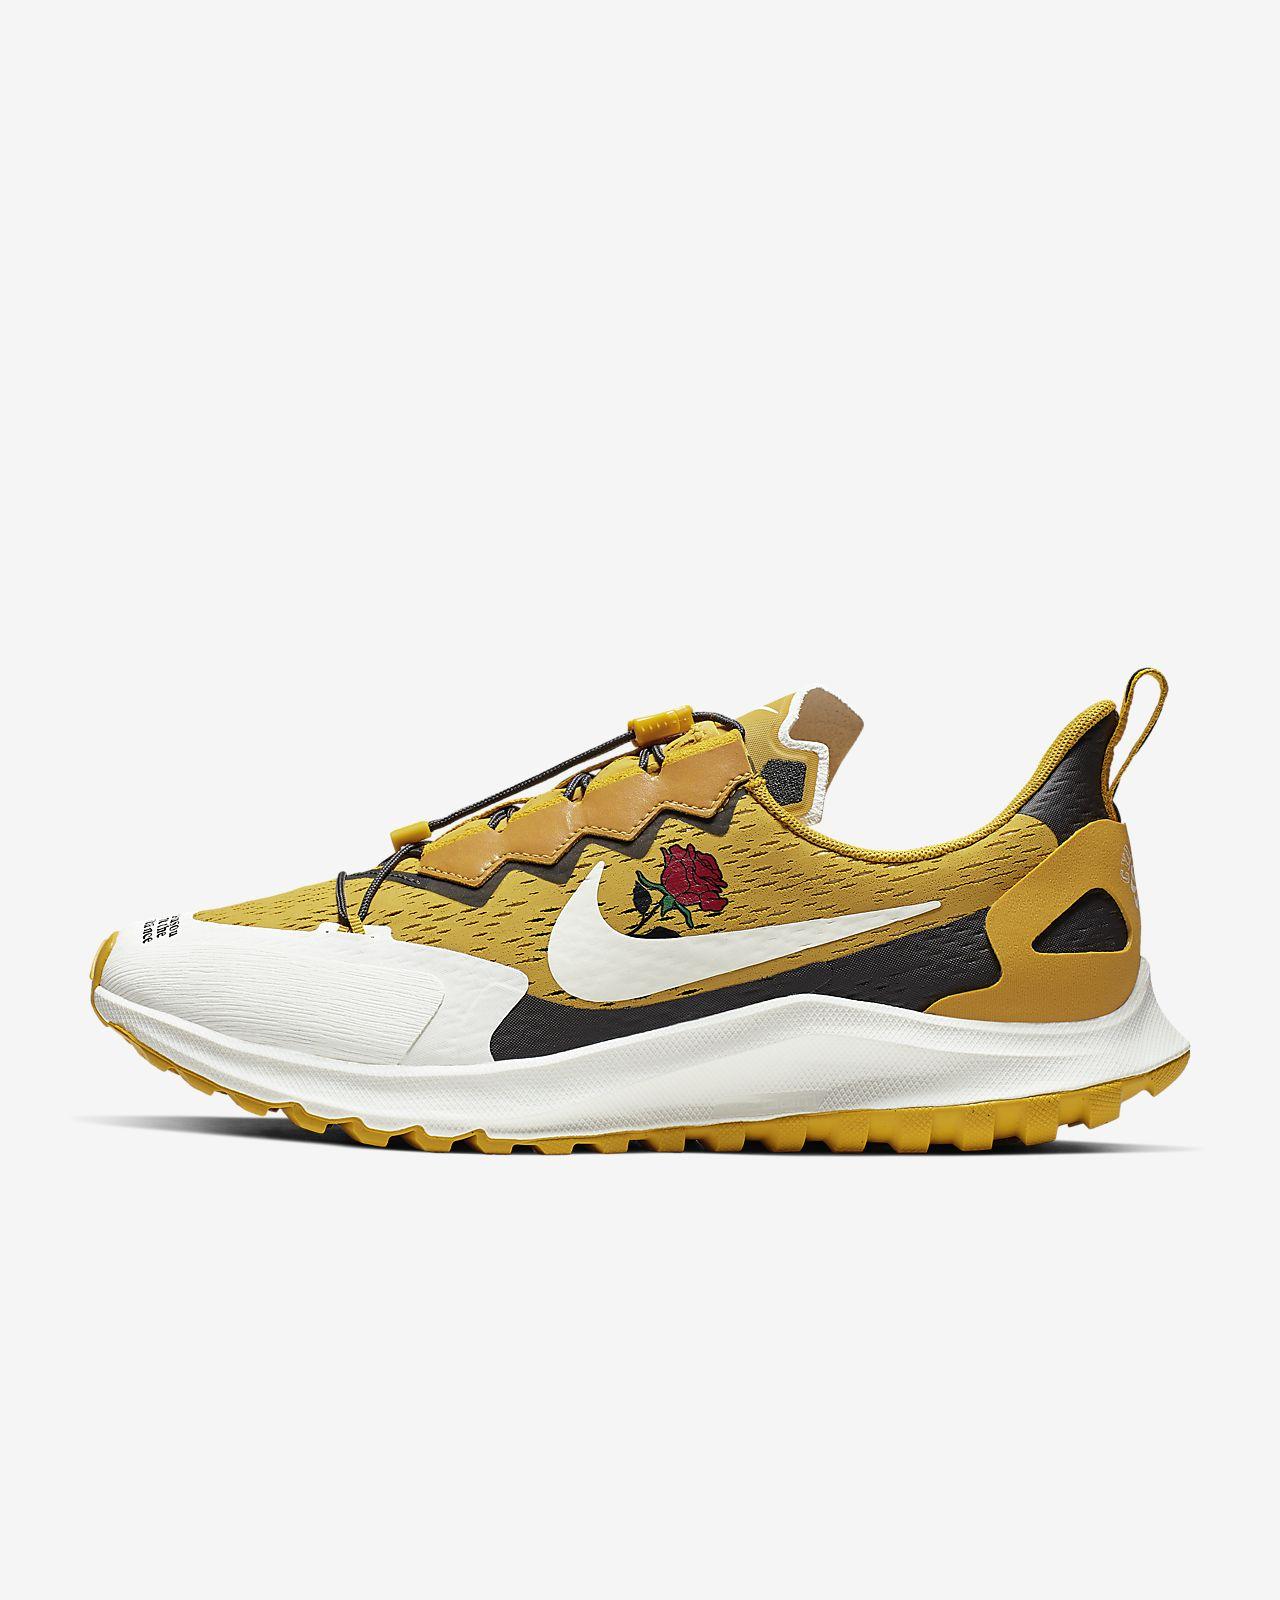 Nike x Gyakusou Zoom Pegasus 36 越野鞋款